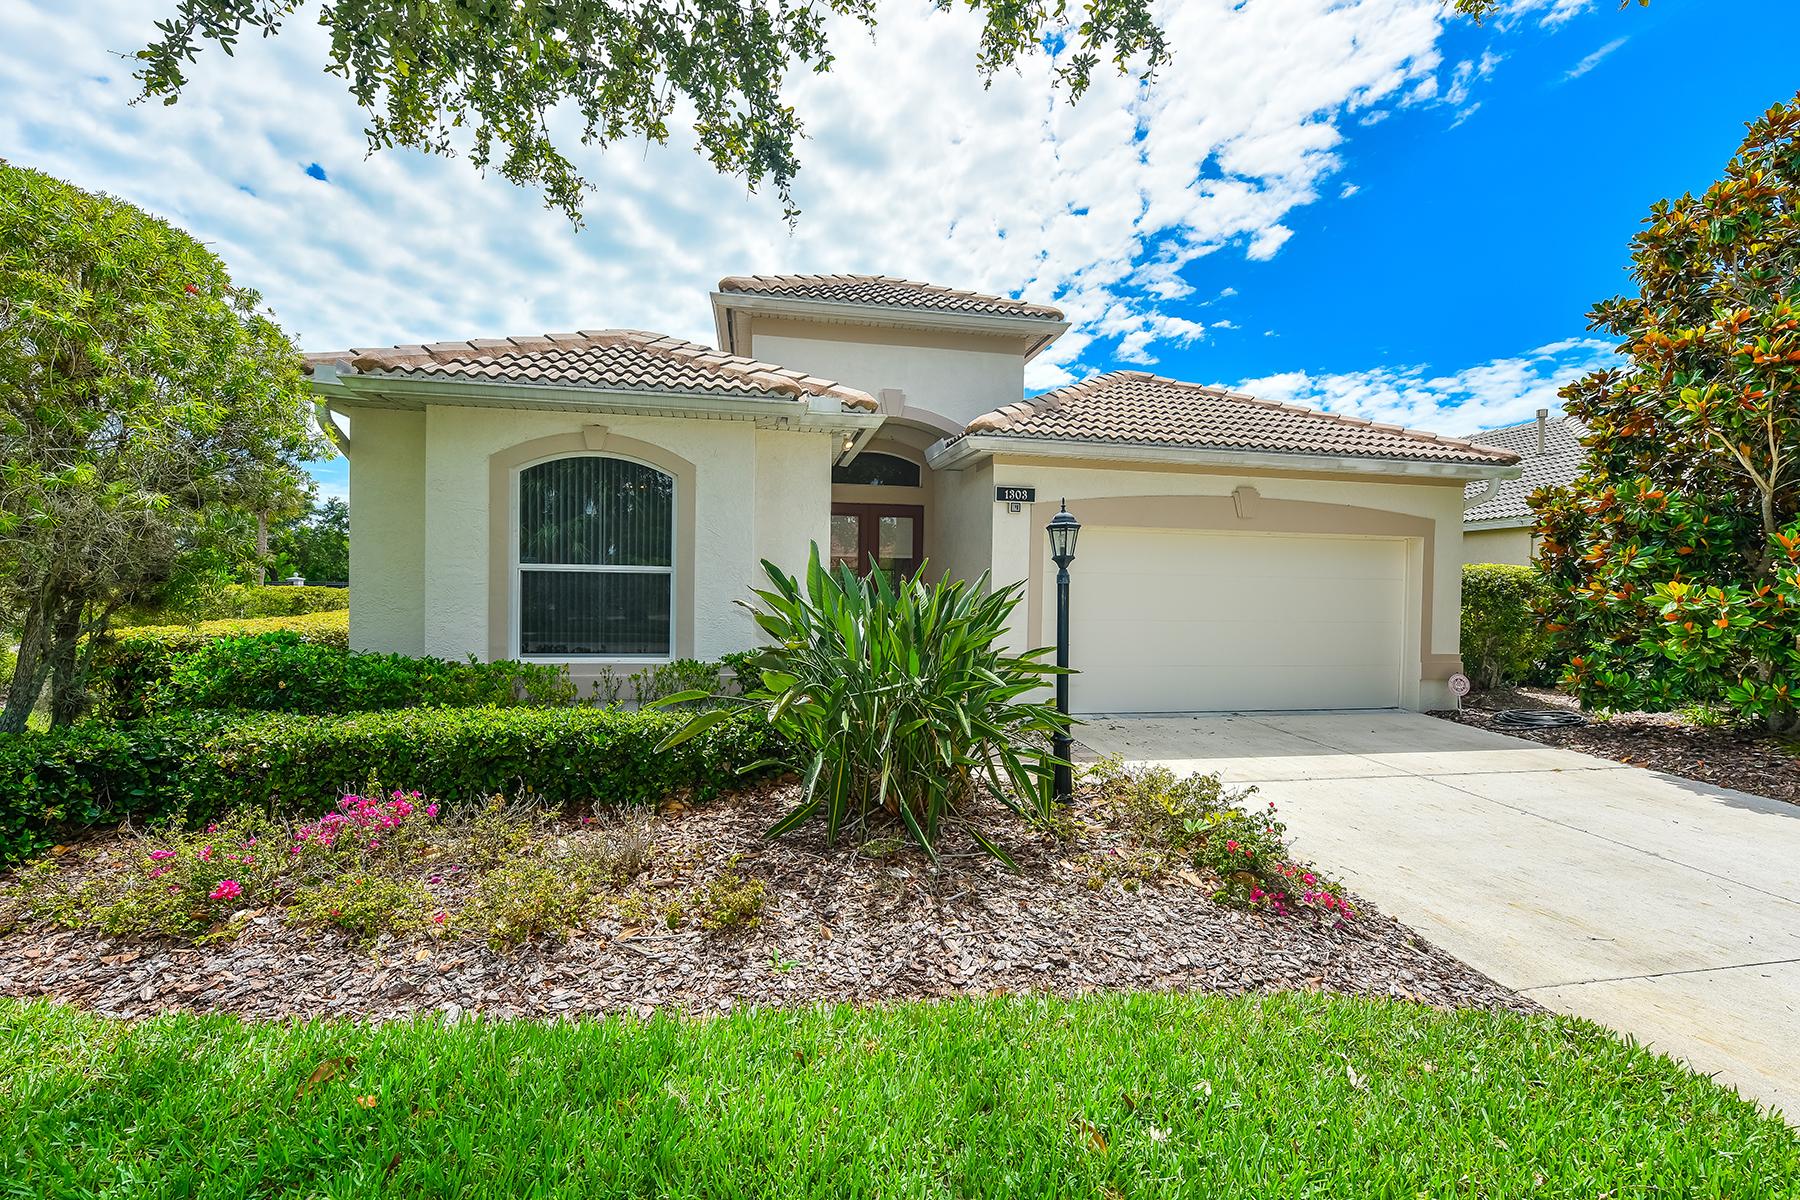 Maison unifamiliale pour l Vente à WILLOWBEND 1303 Thornapple Dr Osprey, Florida, 34229 États-Unis